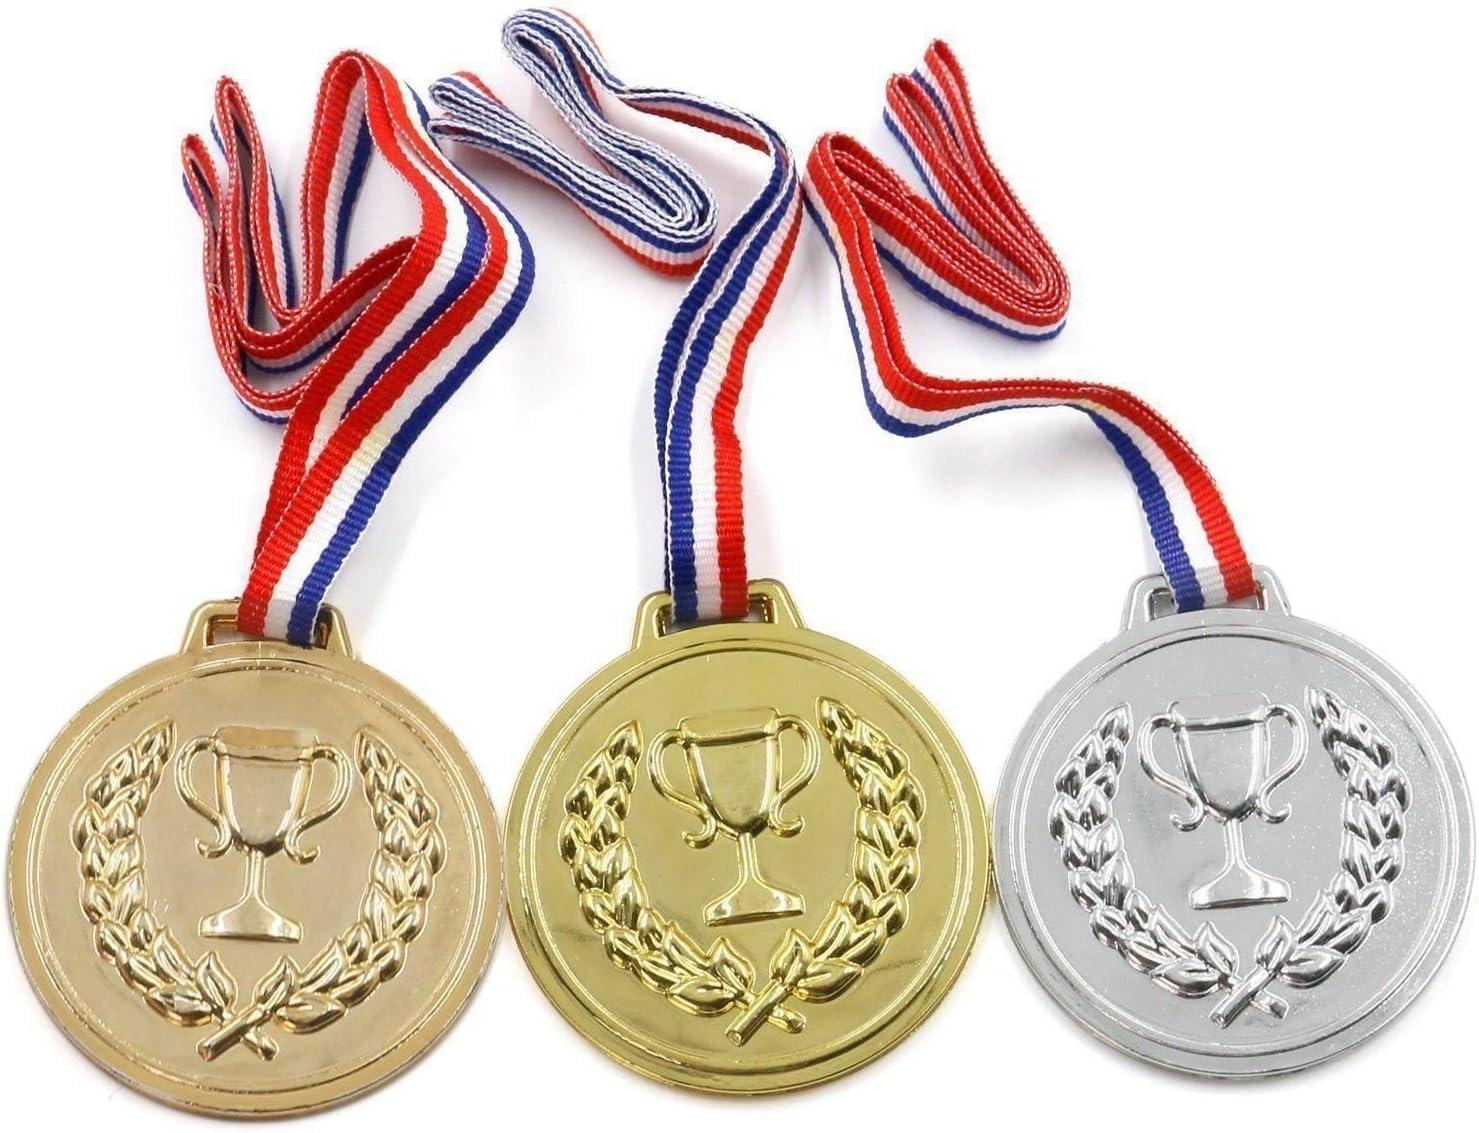 10 packs de medallas de plástico para premios en días deportivos en escuela, oro, plata, bronce, ganador: Amazon.es: Deportes y aire libre